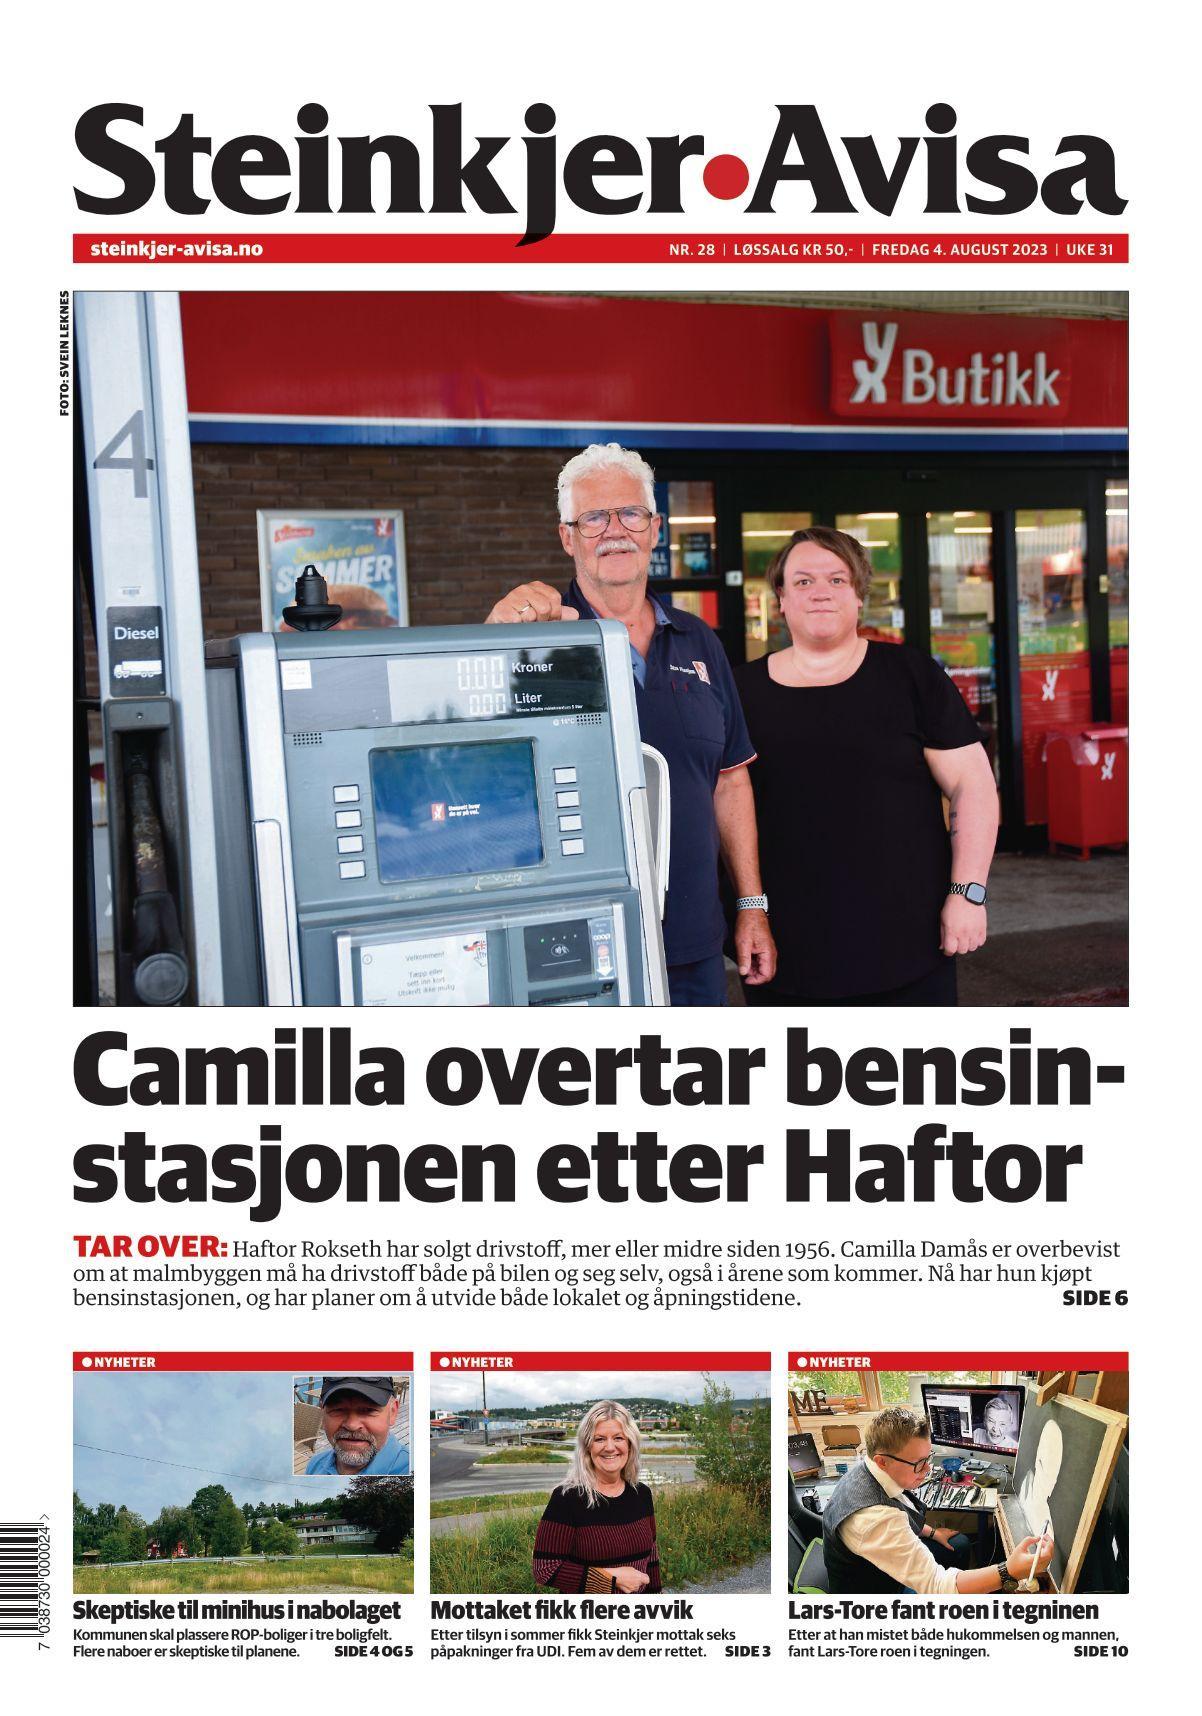 Steinkjer-Avisa